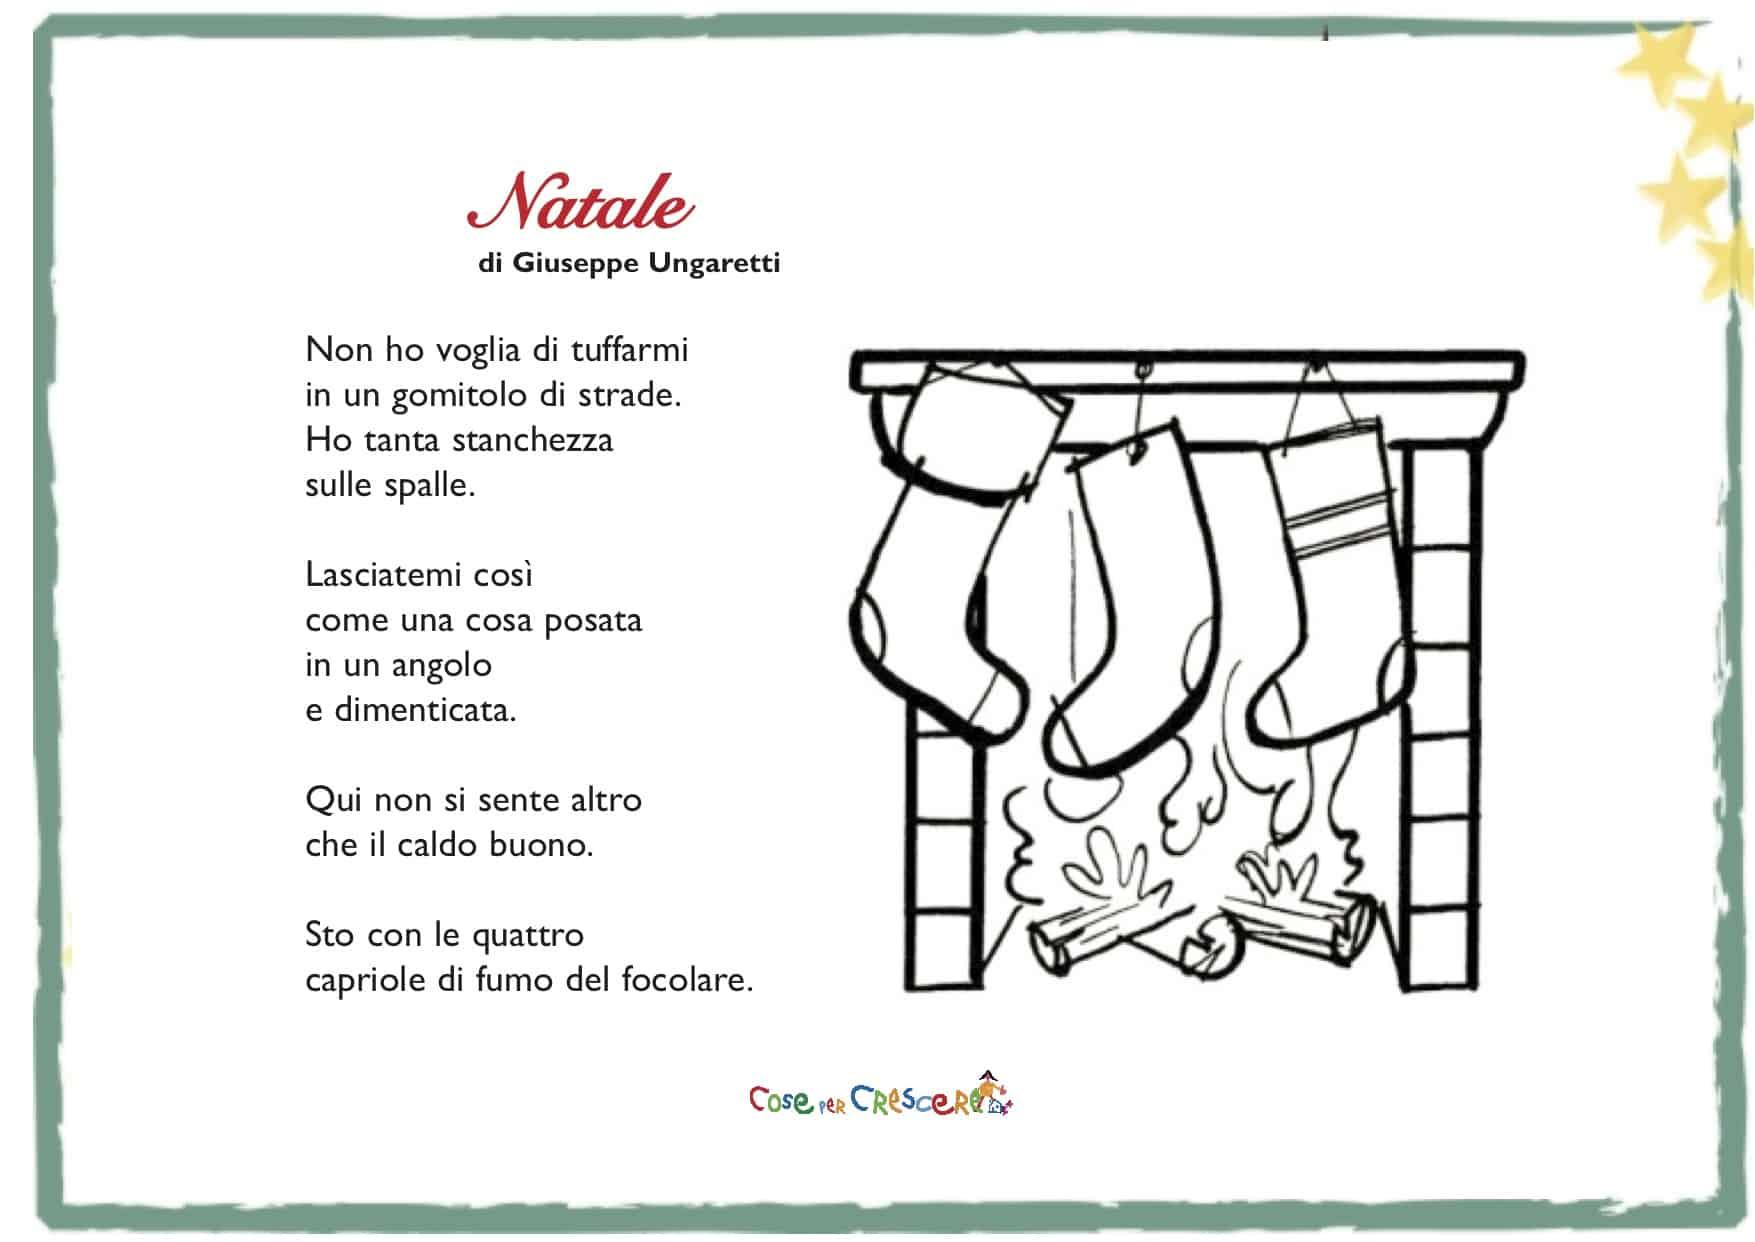 Poesia Di Natale Ungaretti.Natale Di Giuseppe Ungaretti Poesia Di Natale